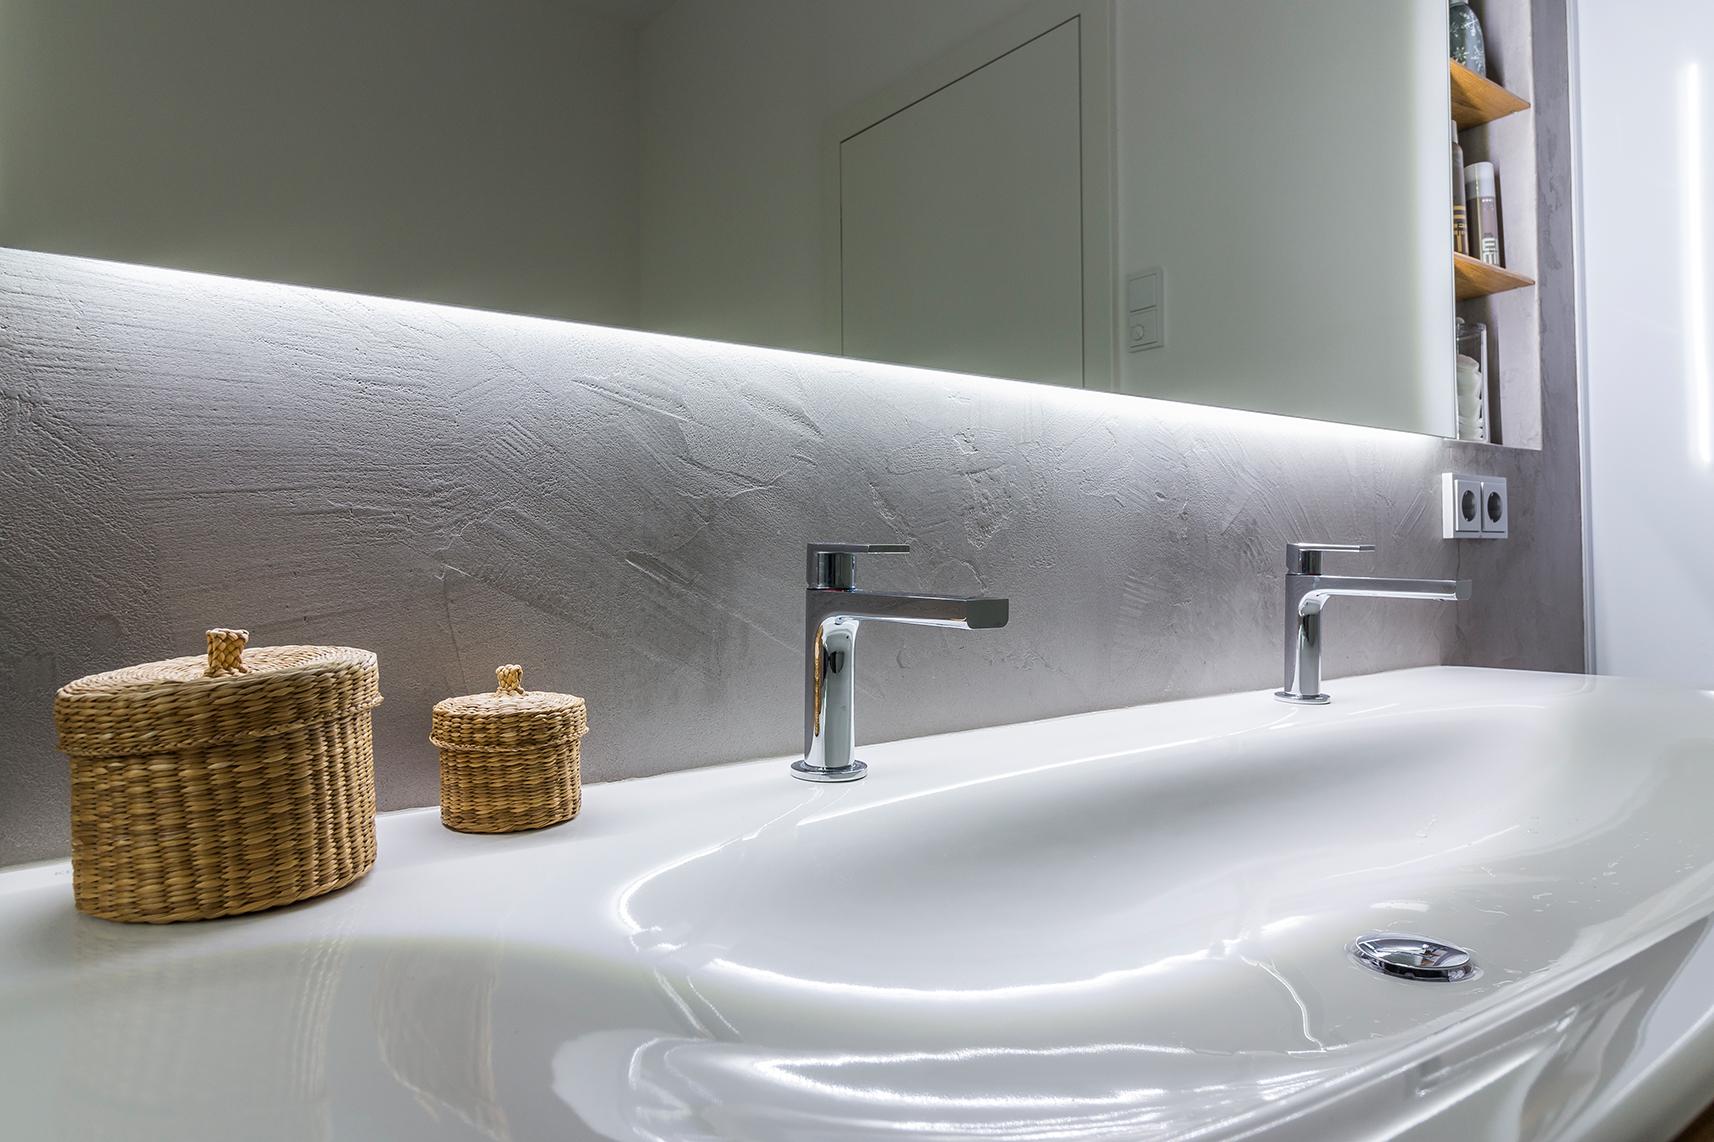 Badezimmer Spachtelbeton Gespachteter Beton Dusche Badewanne Betonboden Gussboden Fugenlos Treppe Grau Kuche Bad Wohnzimmer Tisch Mobel Maintisch Mainbeton Maingrill 9 Maintisch